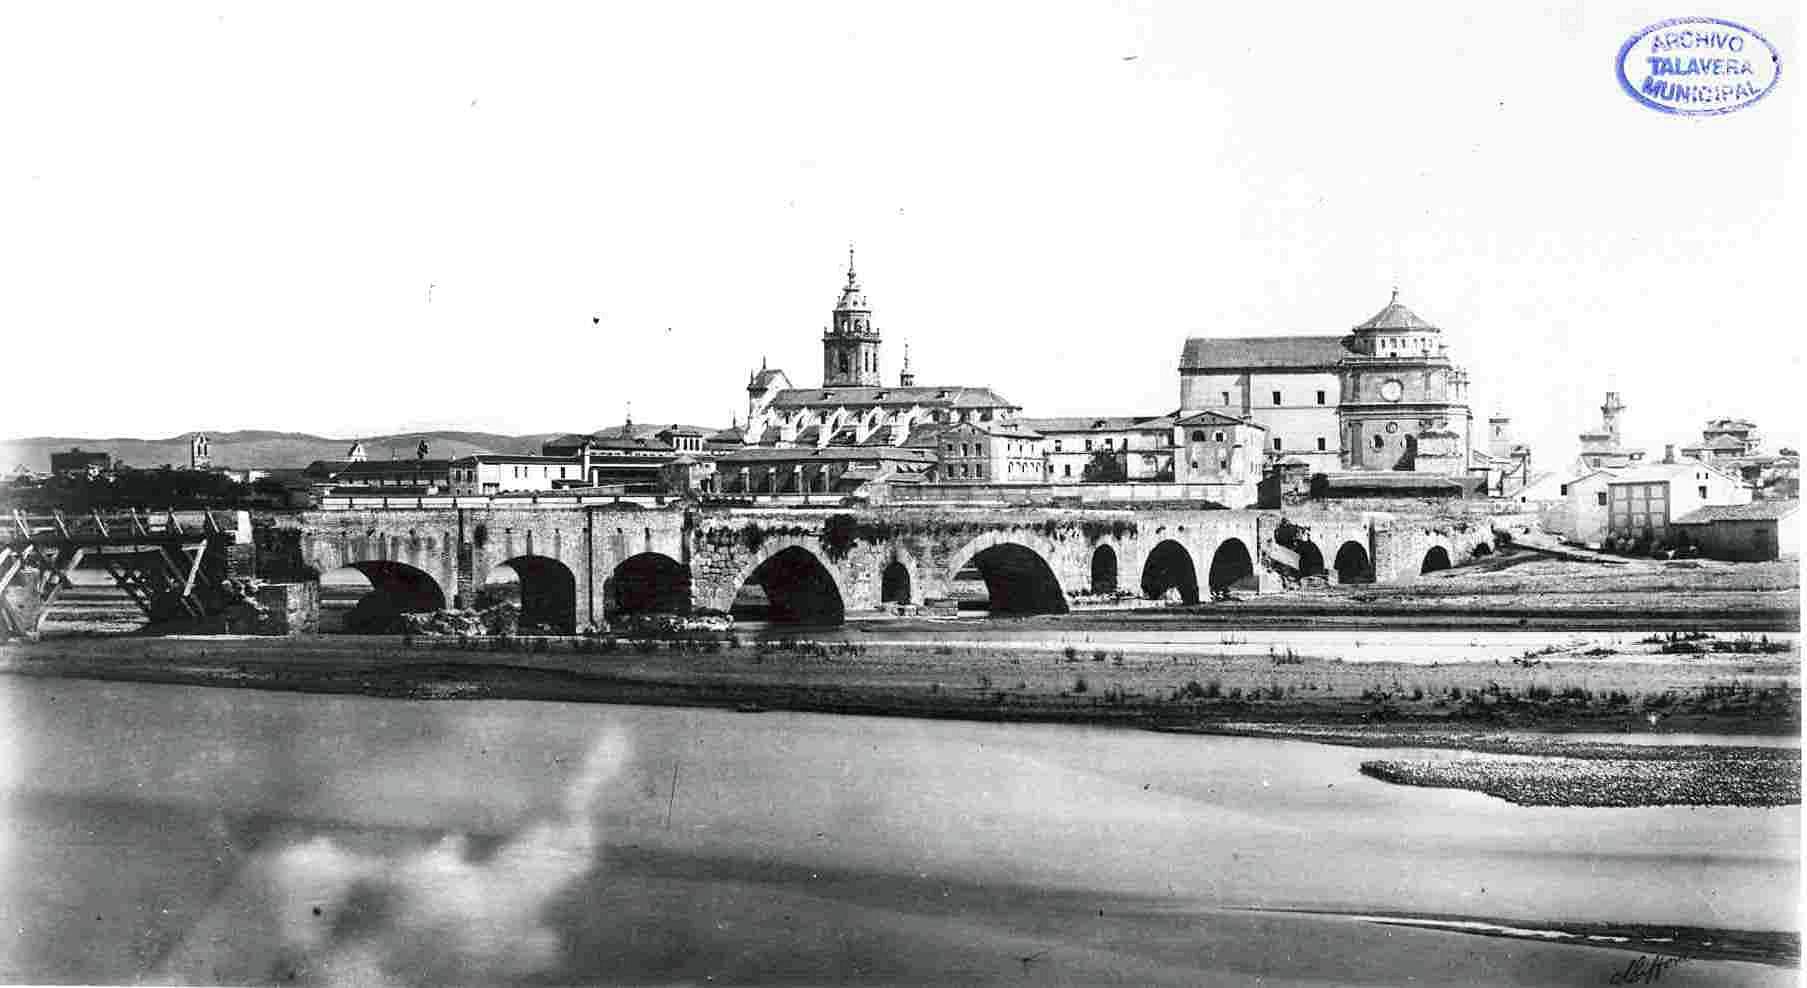 Esta es la fotografía más antigua de Talavera, con una vista de Charles Clifford